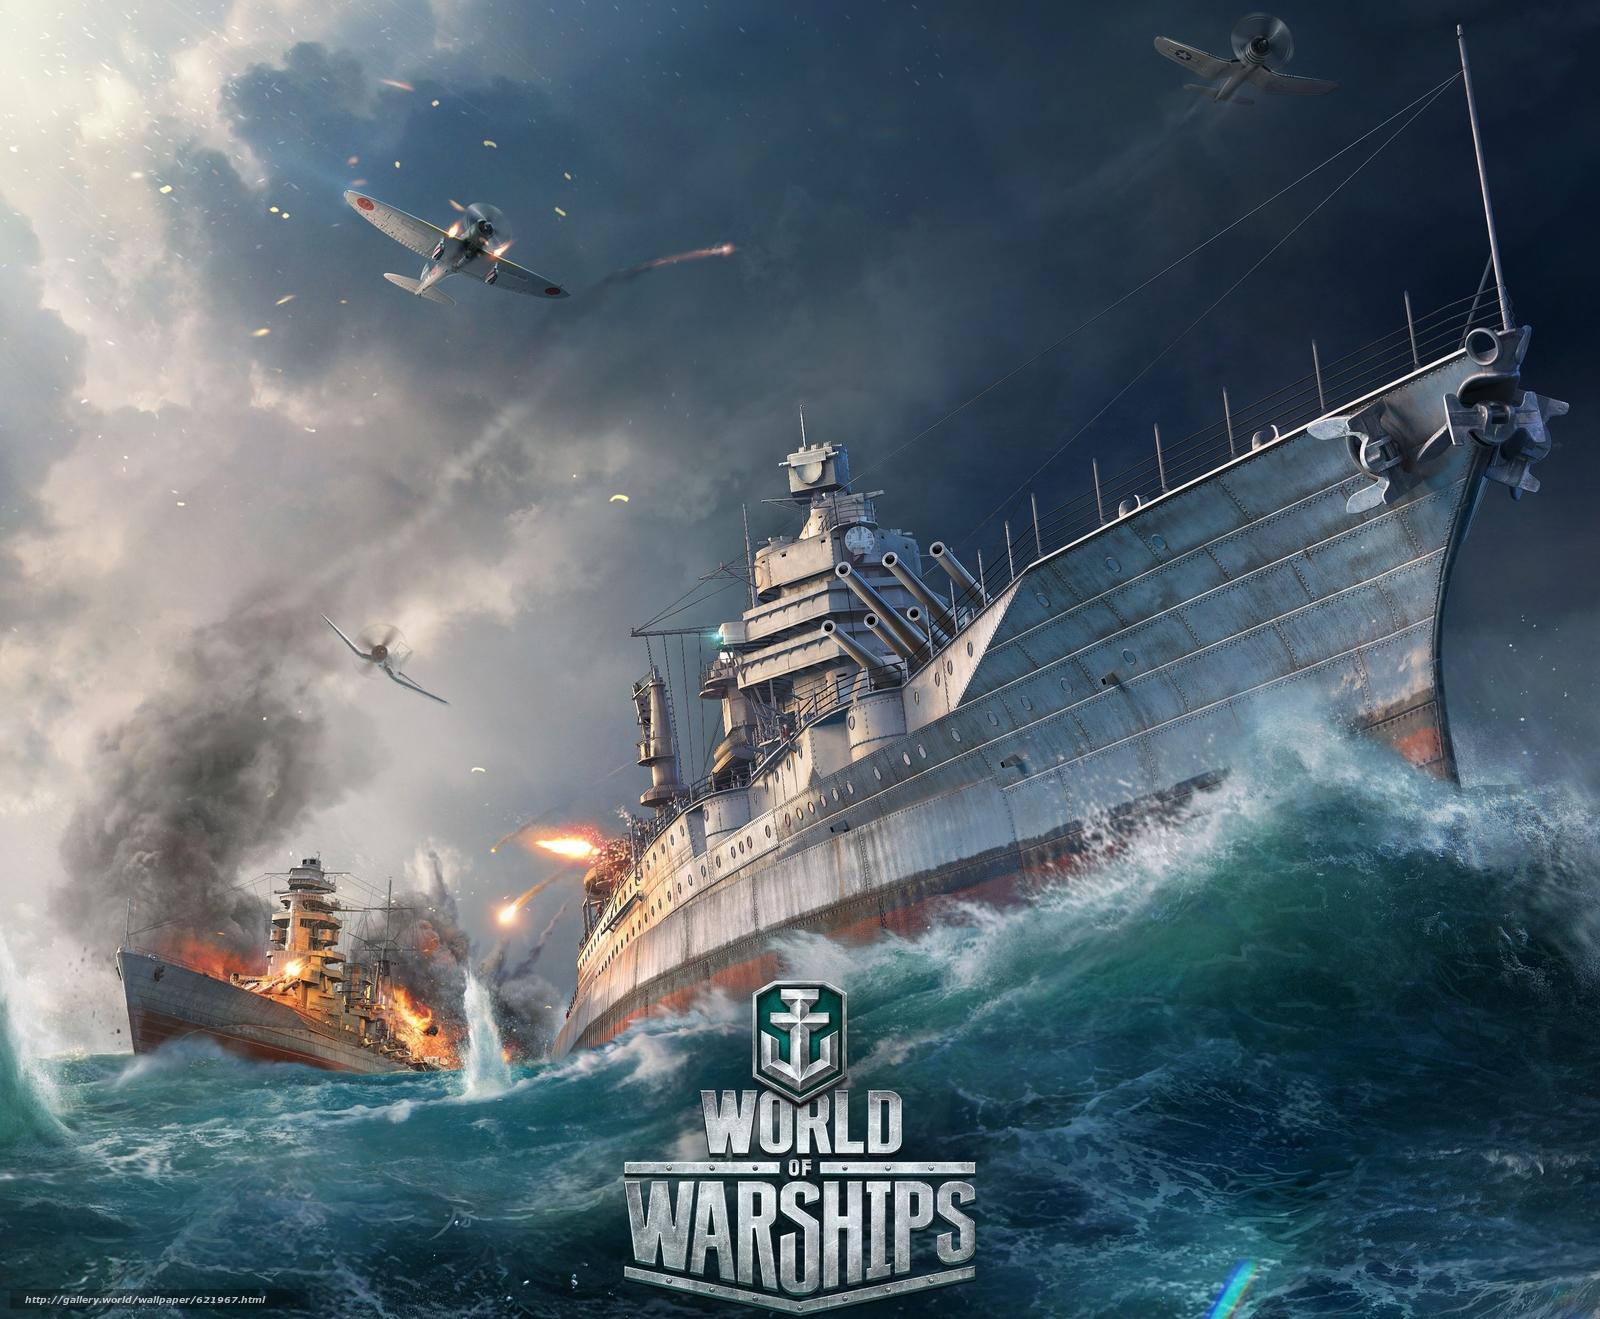 Скачать на телефон обои фото картинку на тему World of Warships, Мир Кораблей, морской бой, разширение 3000x2473